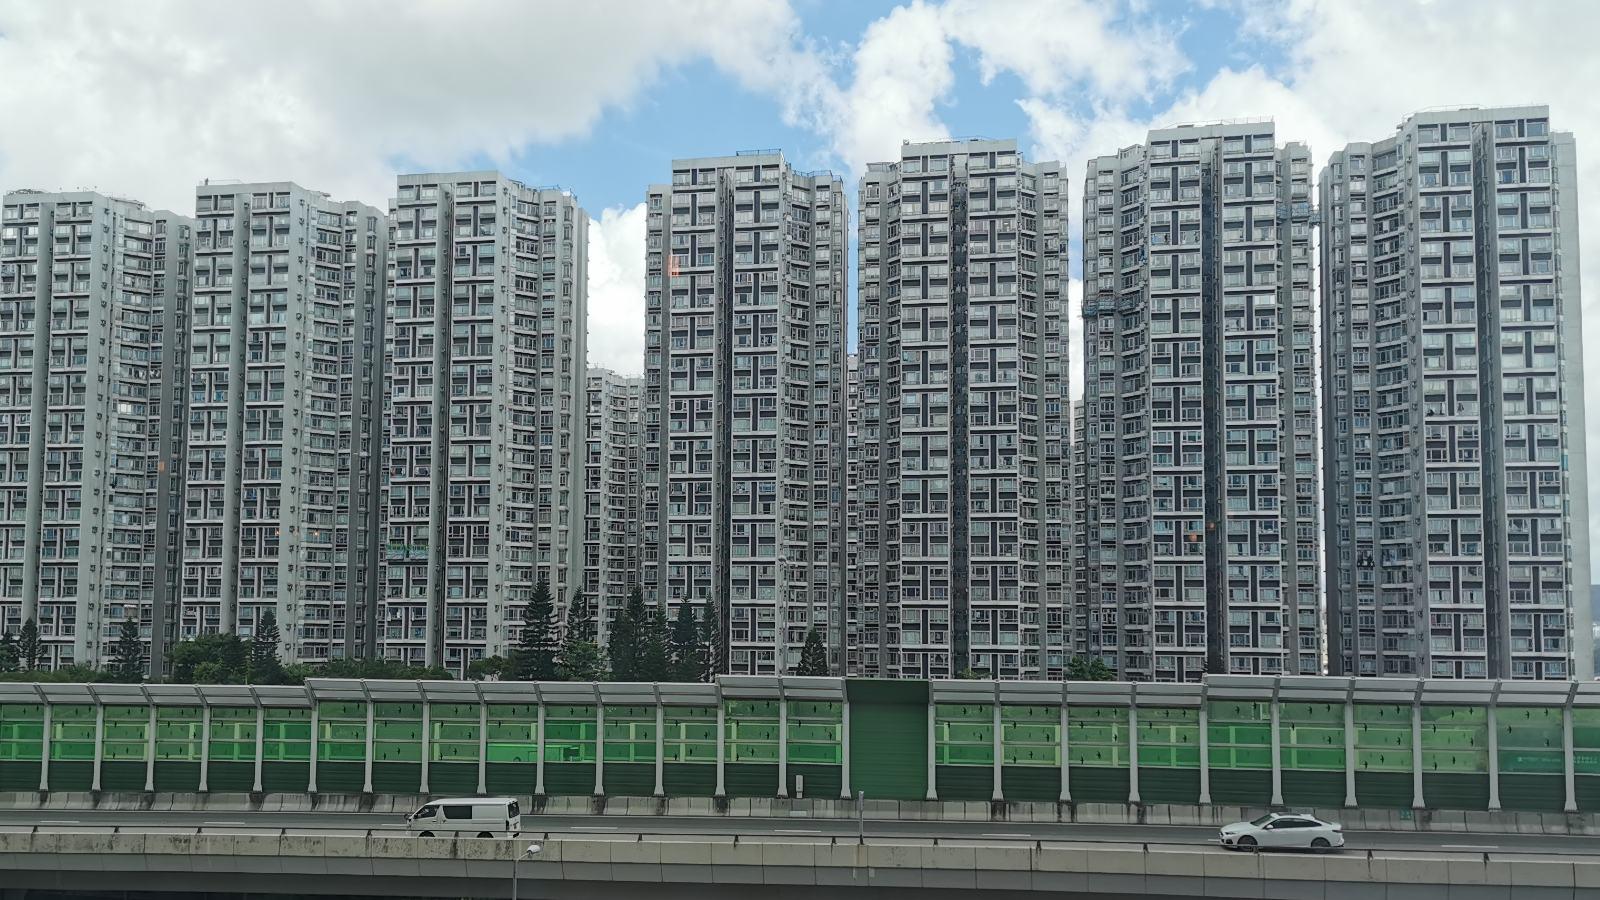 香港樓市2021-香港樓價-通關-累積需求爆發-住宅物業供不應求-布少明-香港財經時報-HKBT